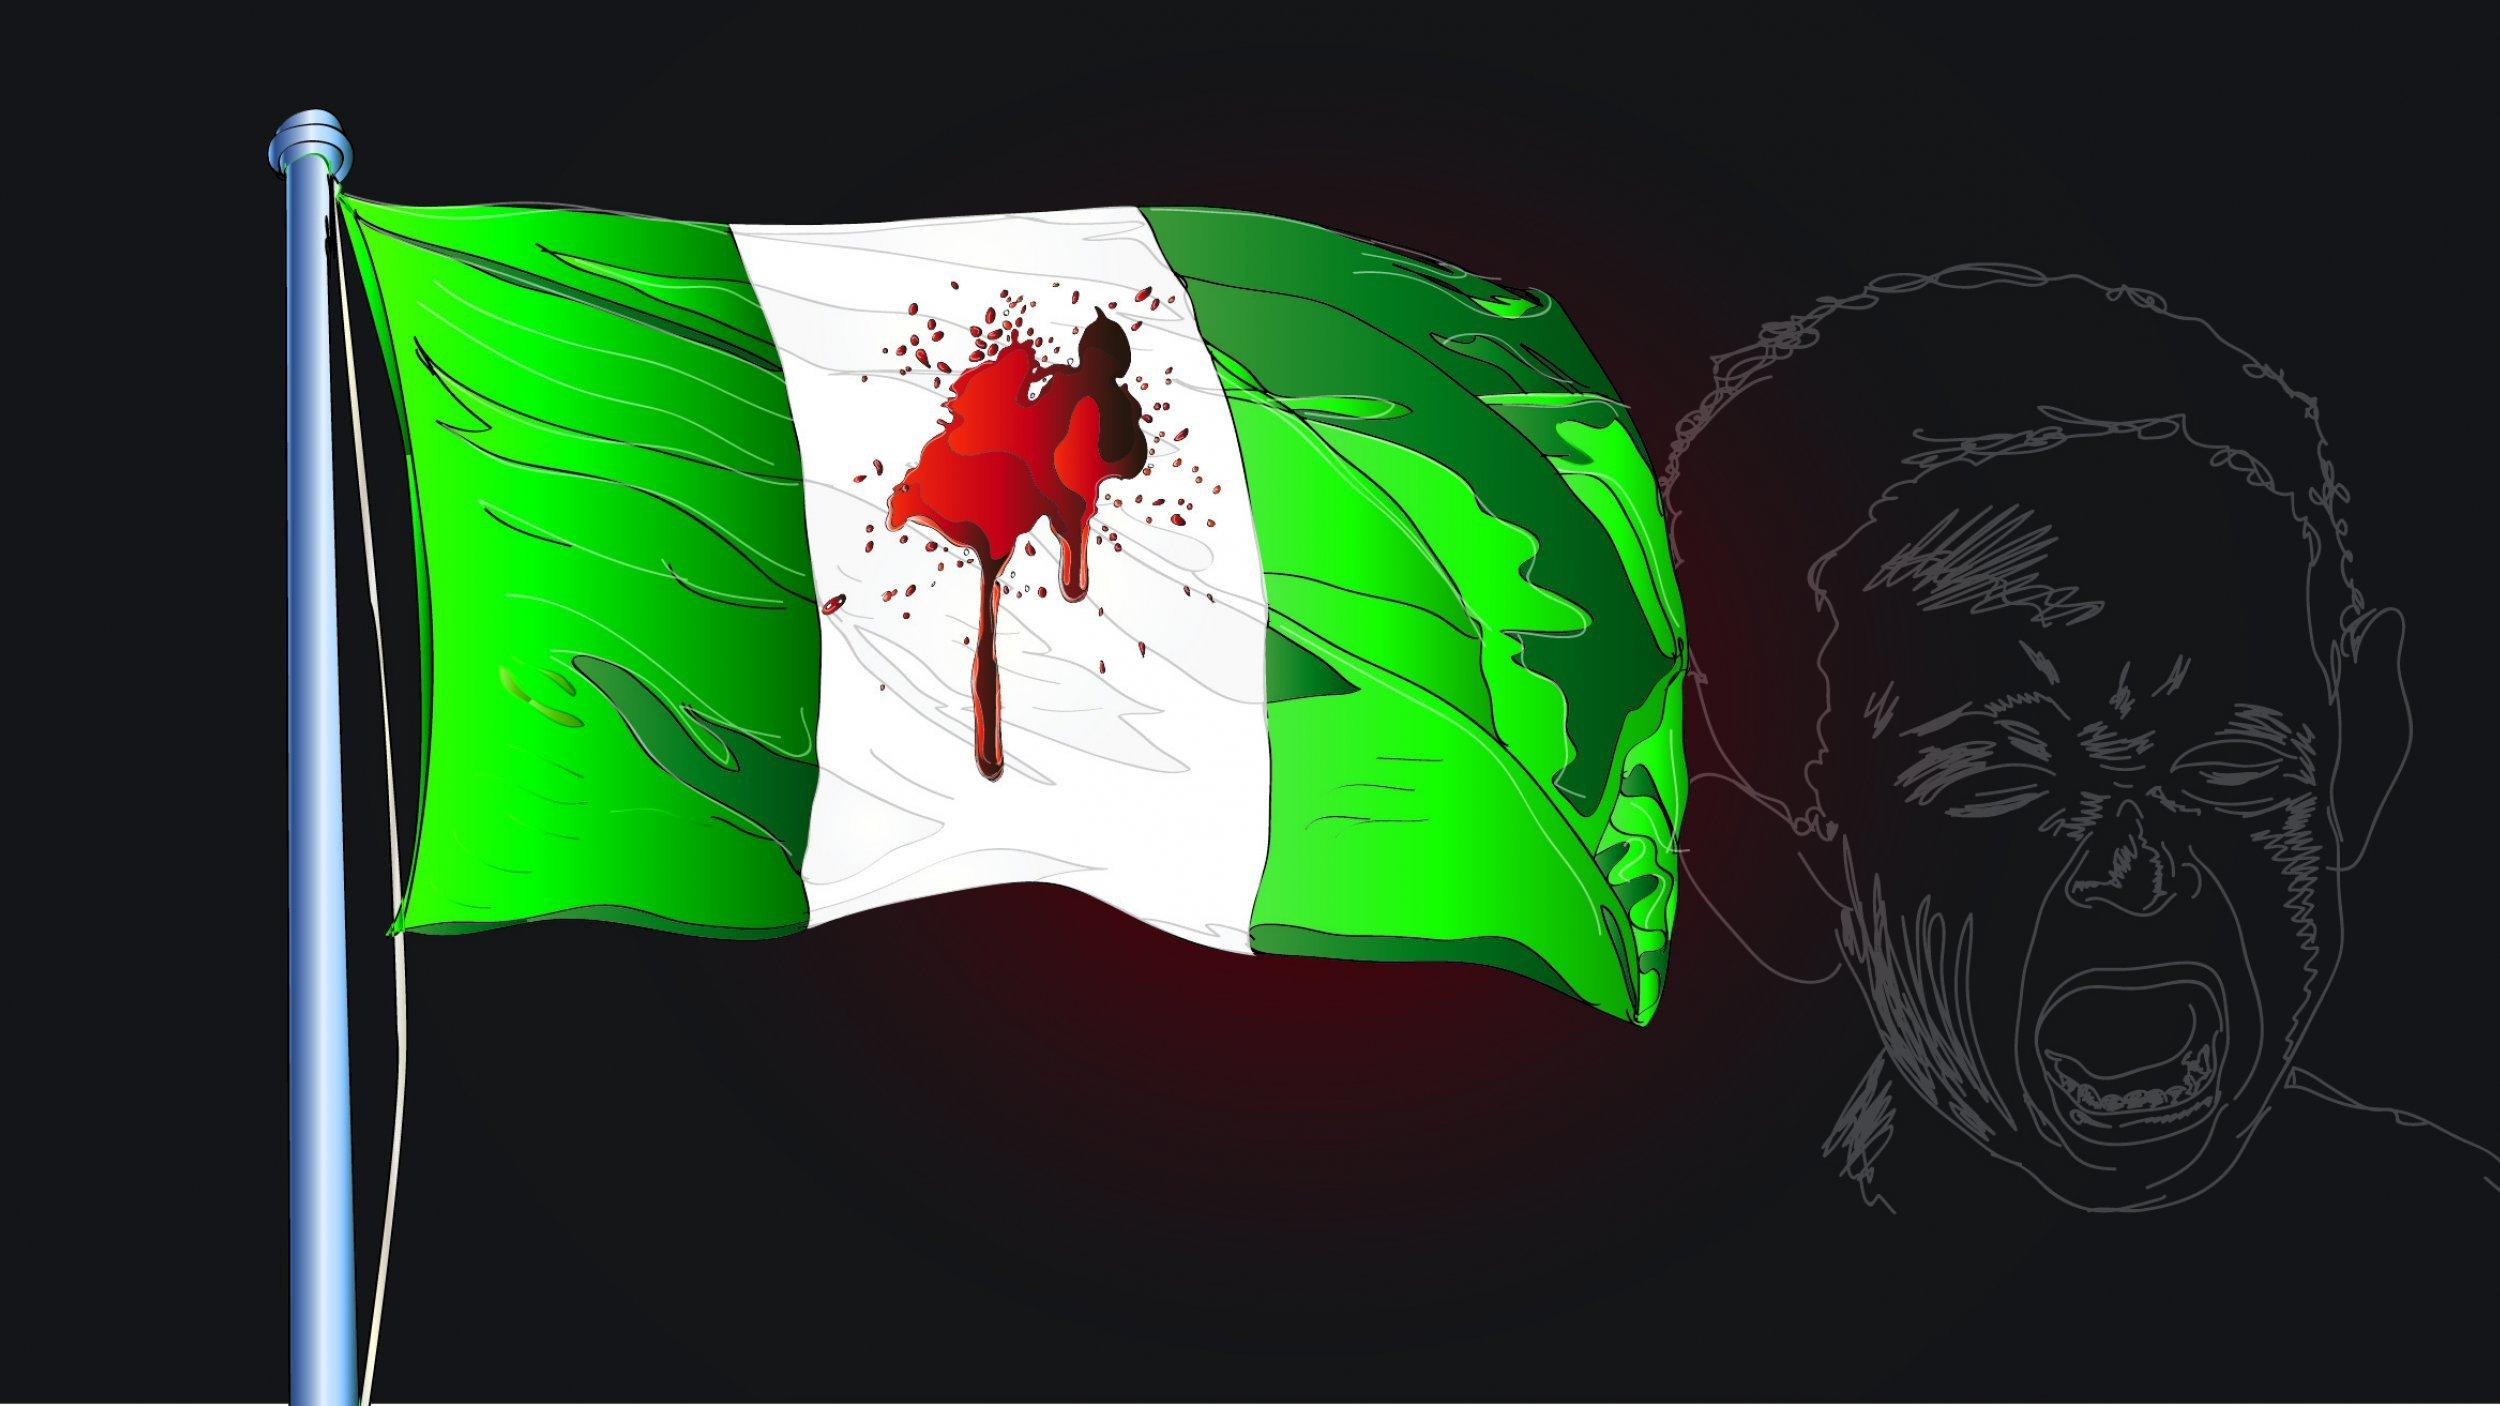 Das gezeichnete Bild zeigt eine Flagge von Nigeria mit Blutspritzern und das weinende Gesicht eines Kindes